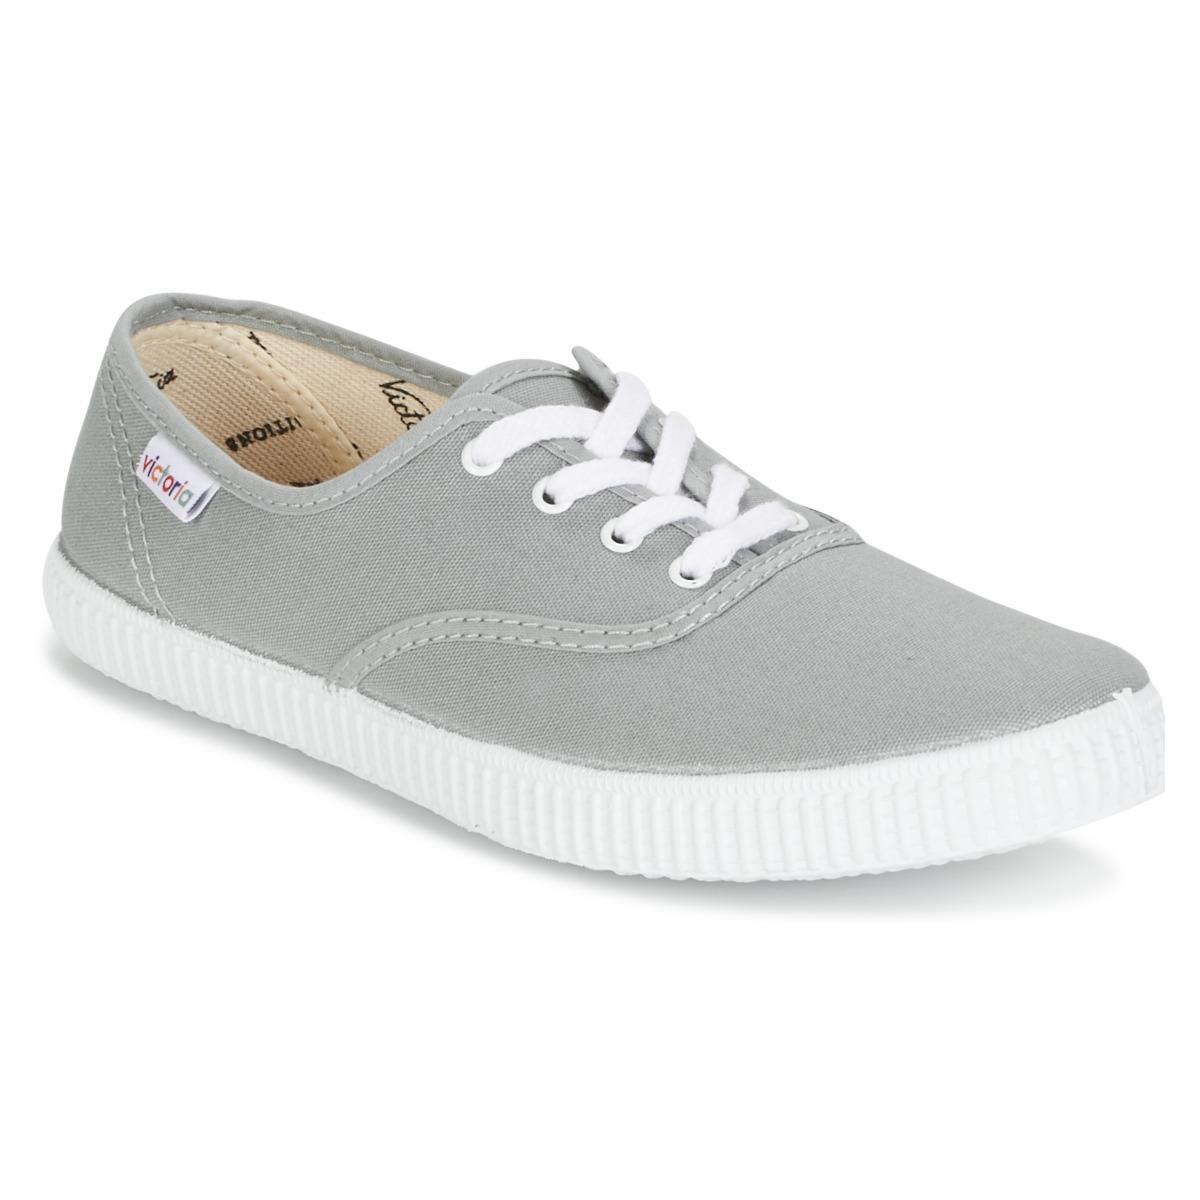 5abe204ee3bce4 Victoria INGLESA LONA Grau - Kostenloser Versand bei Spartoode ! - Schuhe  Sneaker Low 20